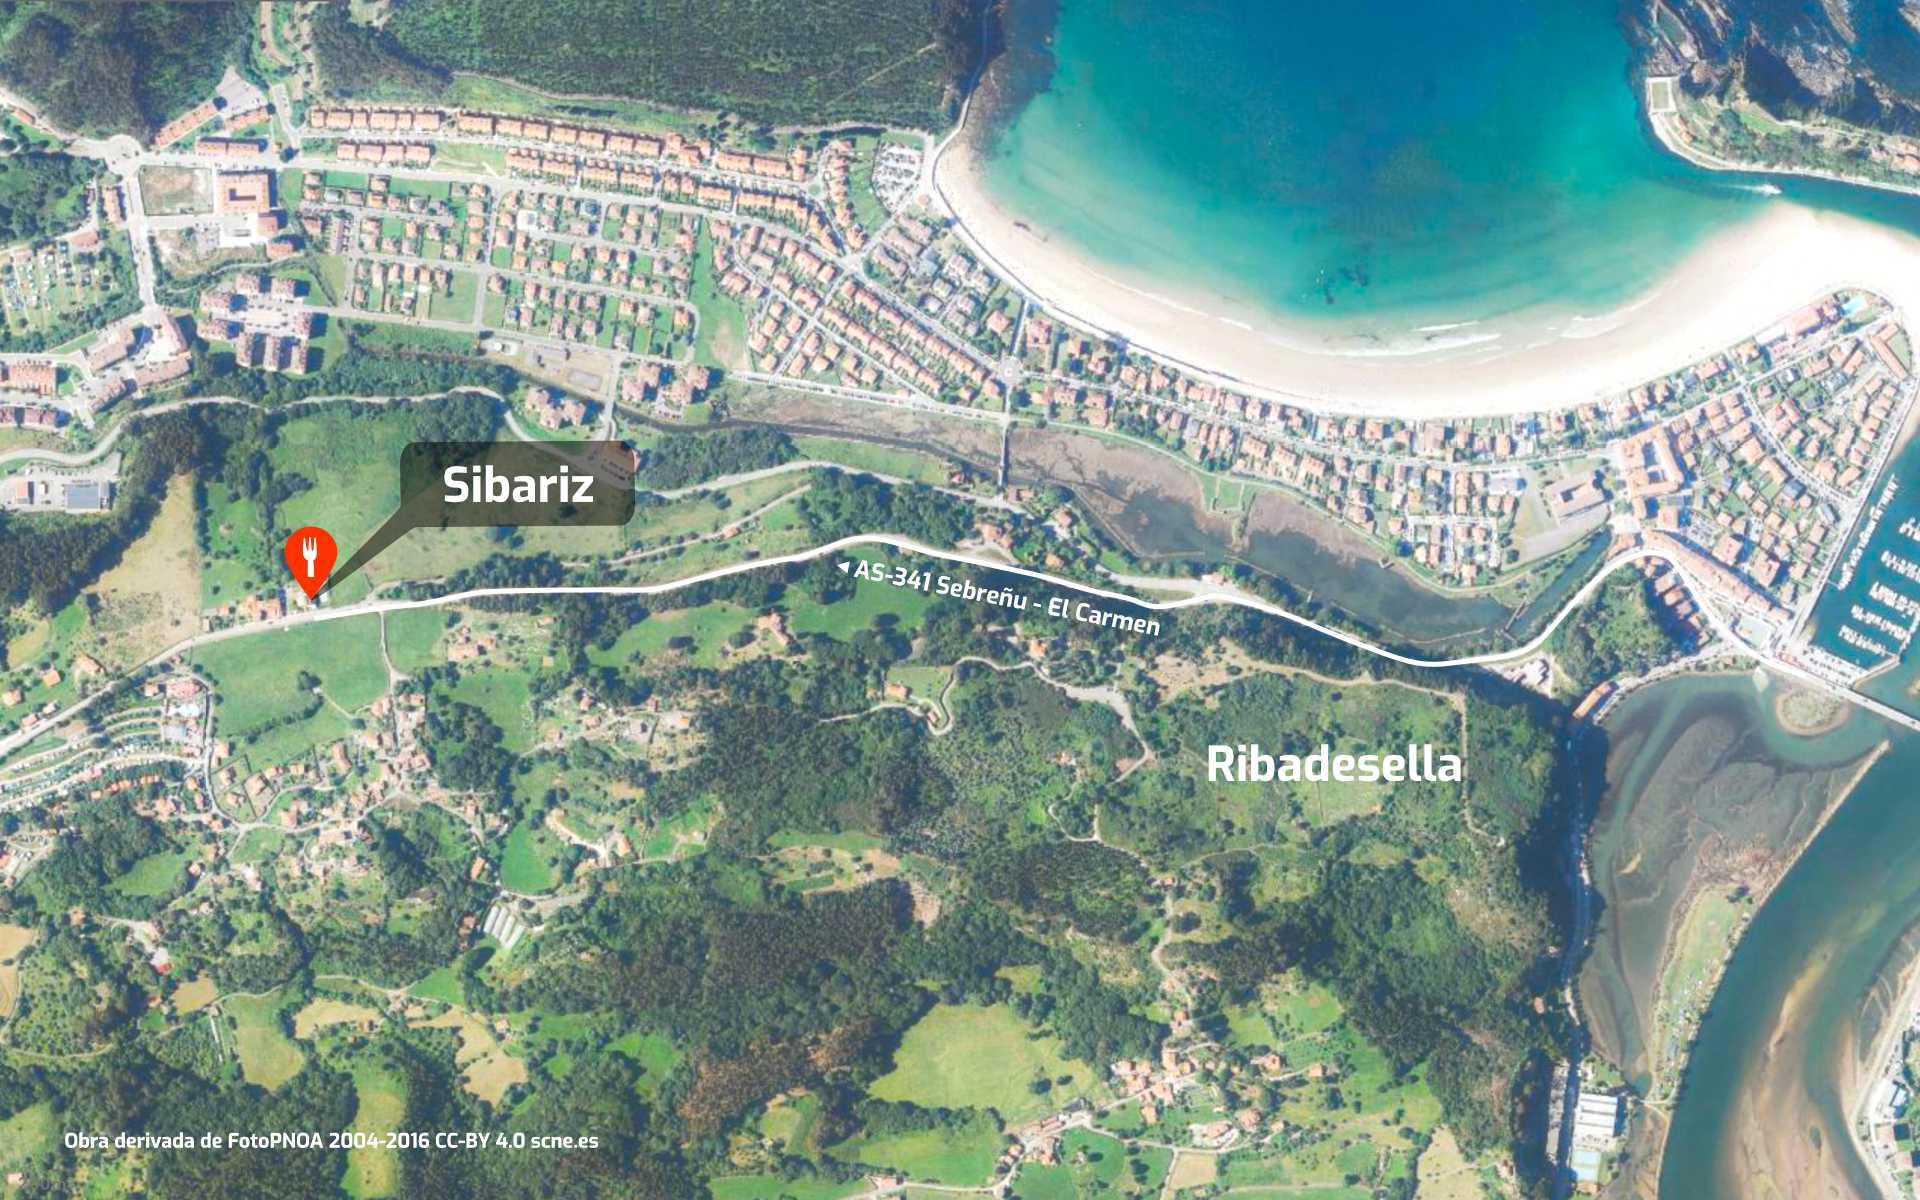 Mapa de cómo llegar al restaurante Sibariz en Ribadesella, Asturias